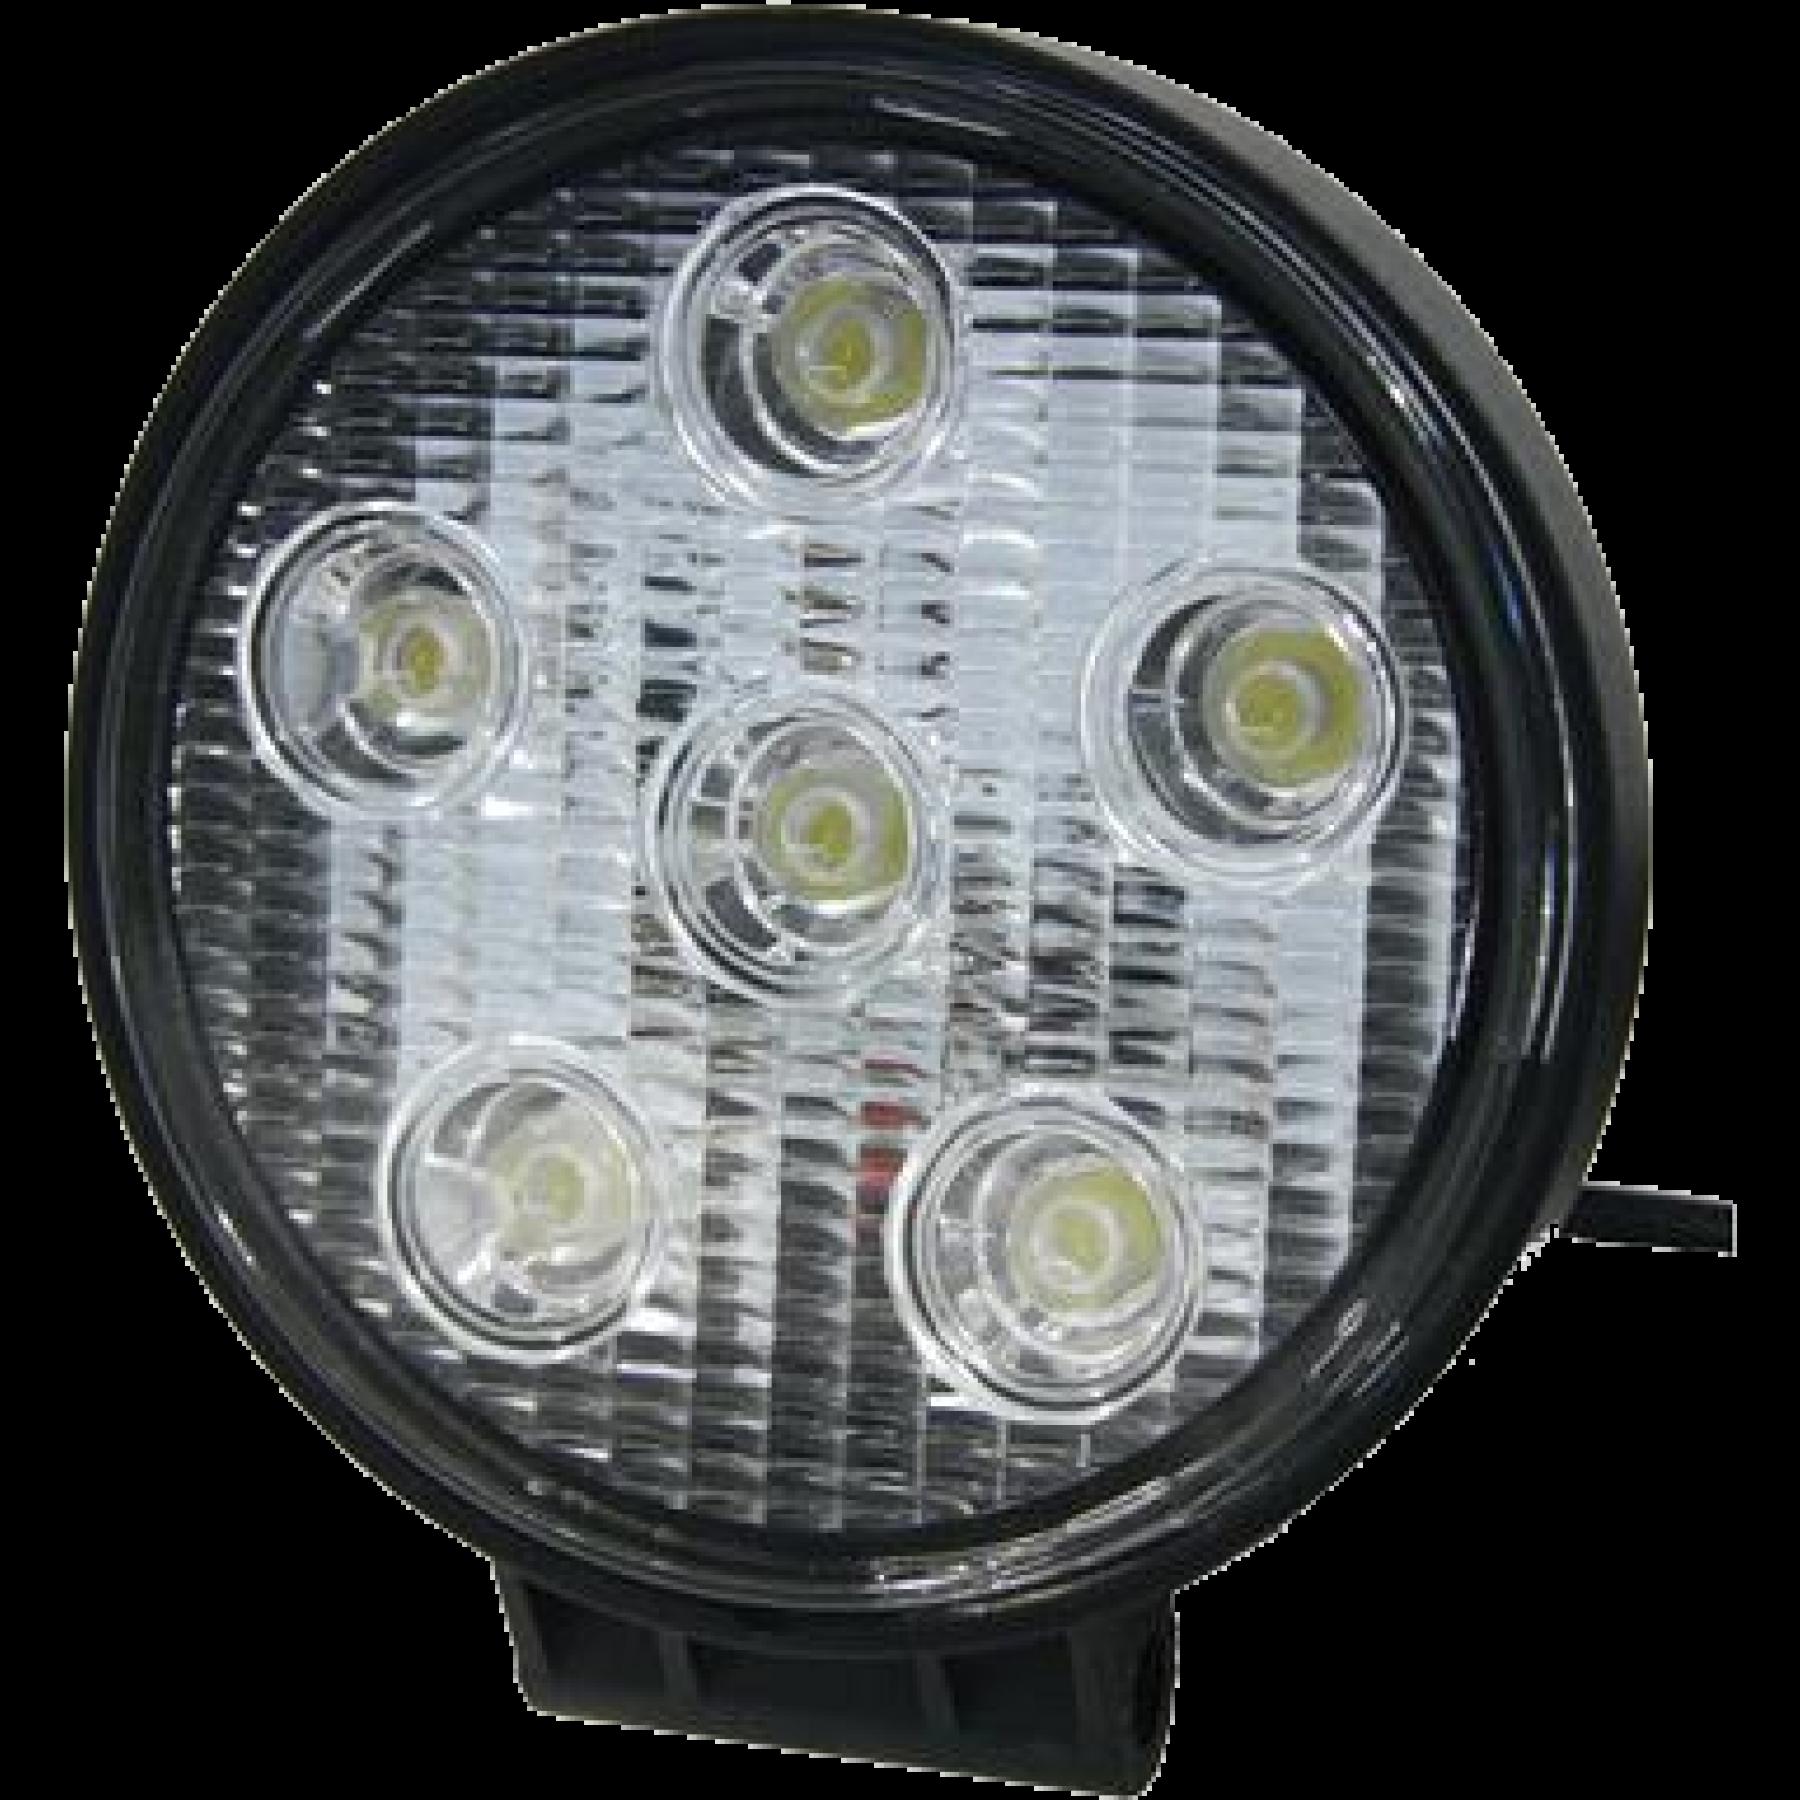 Led werklamp 12v rond 18w